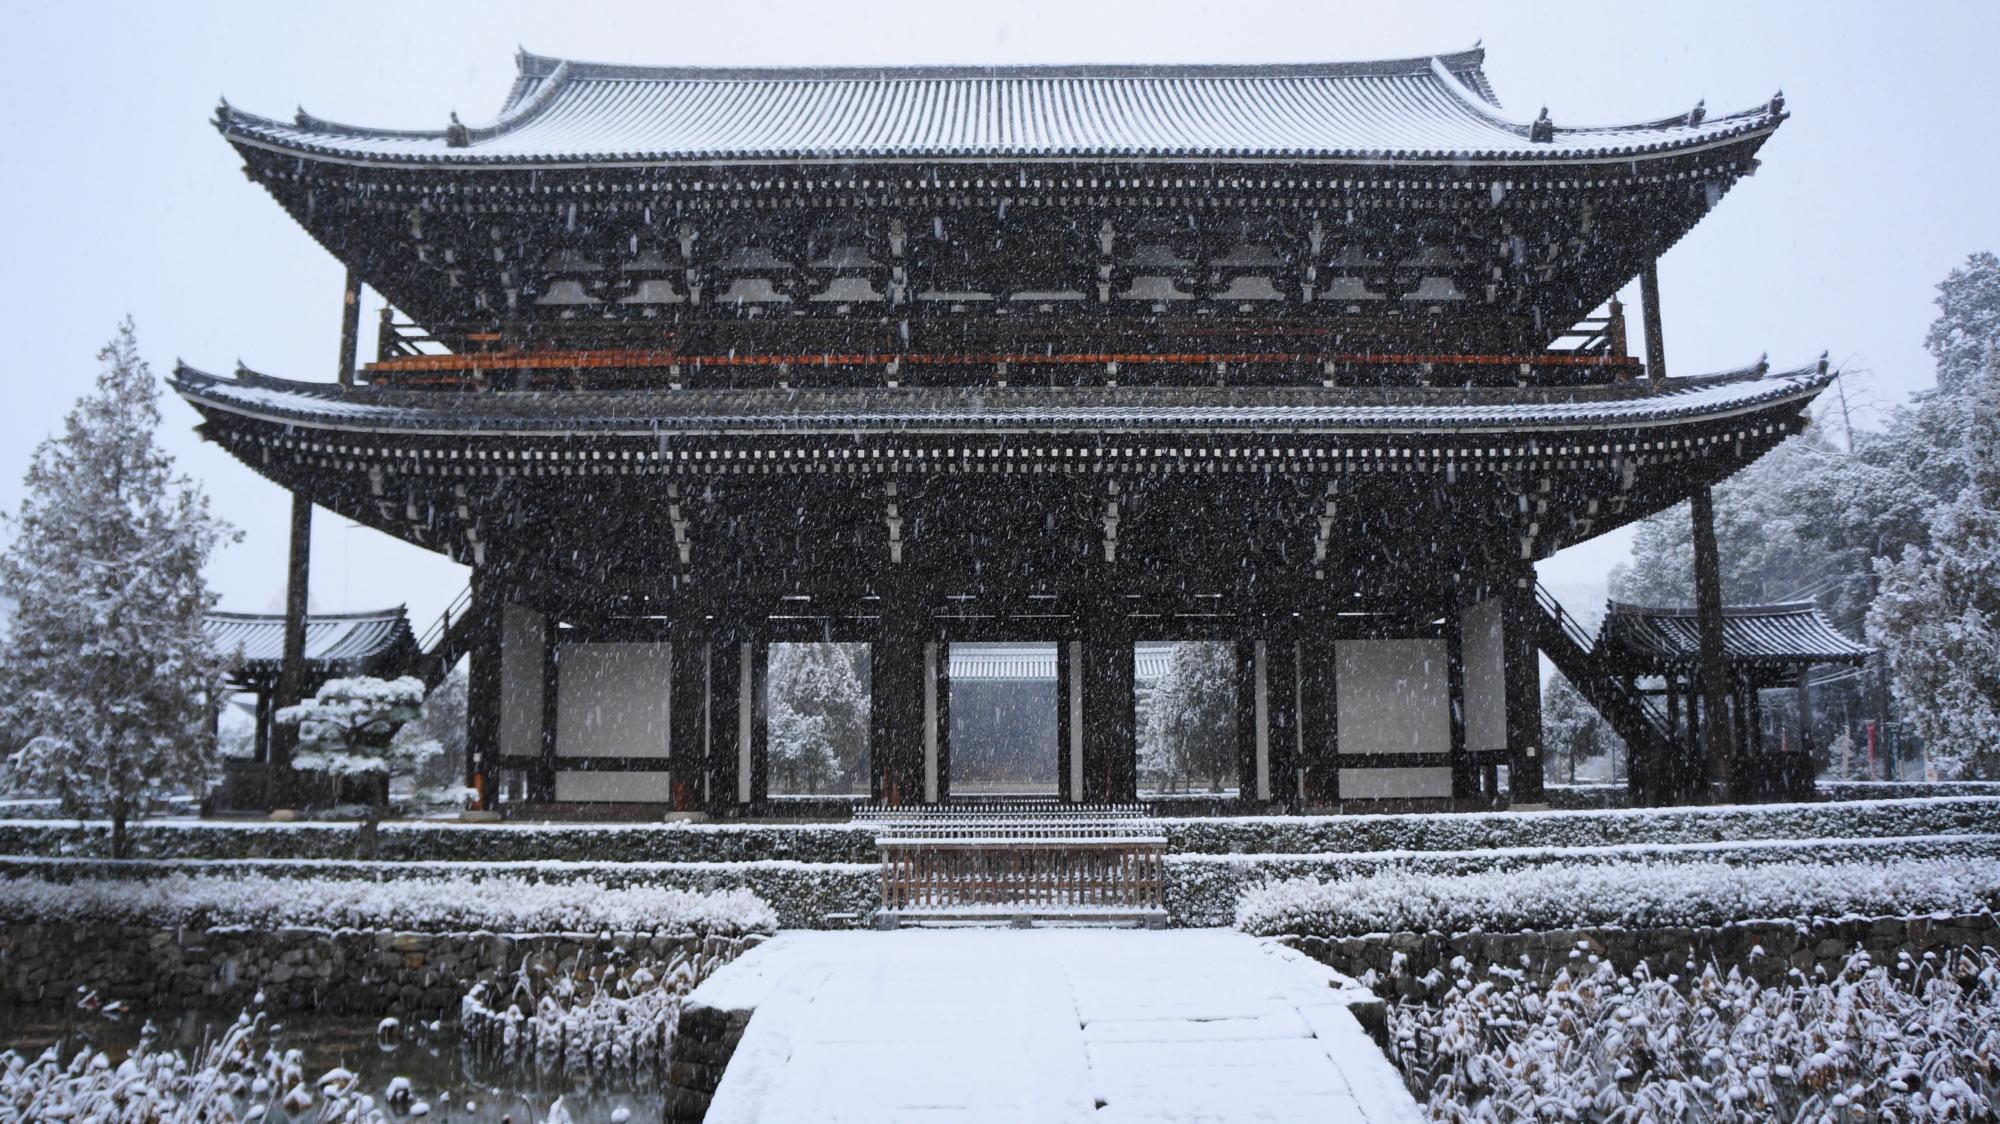 雪の中にそびえる大きな三門